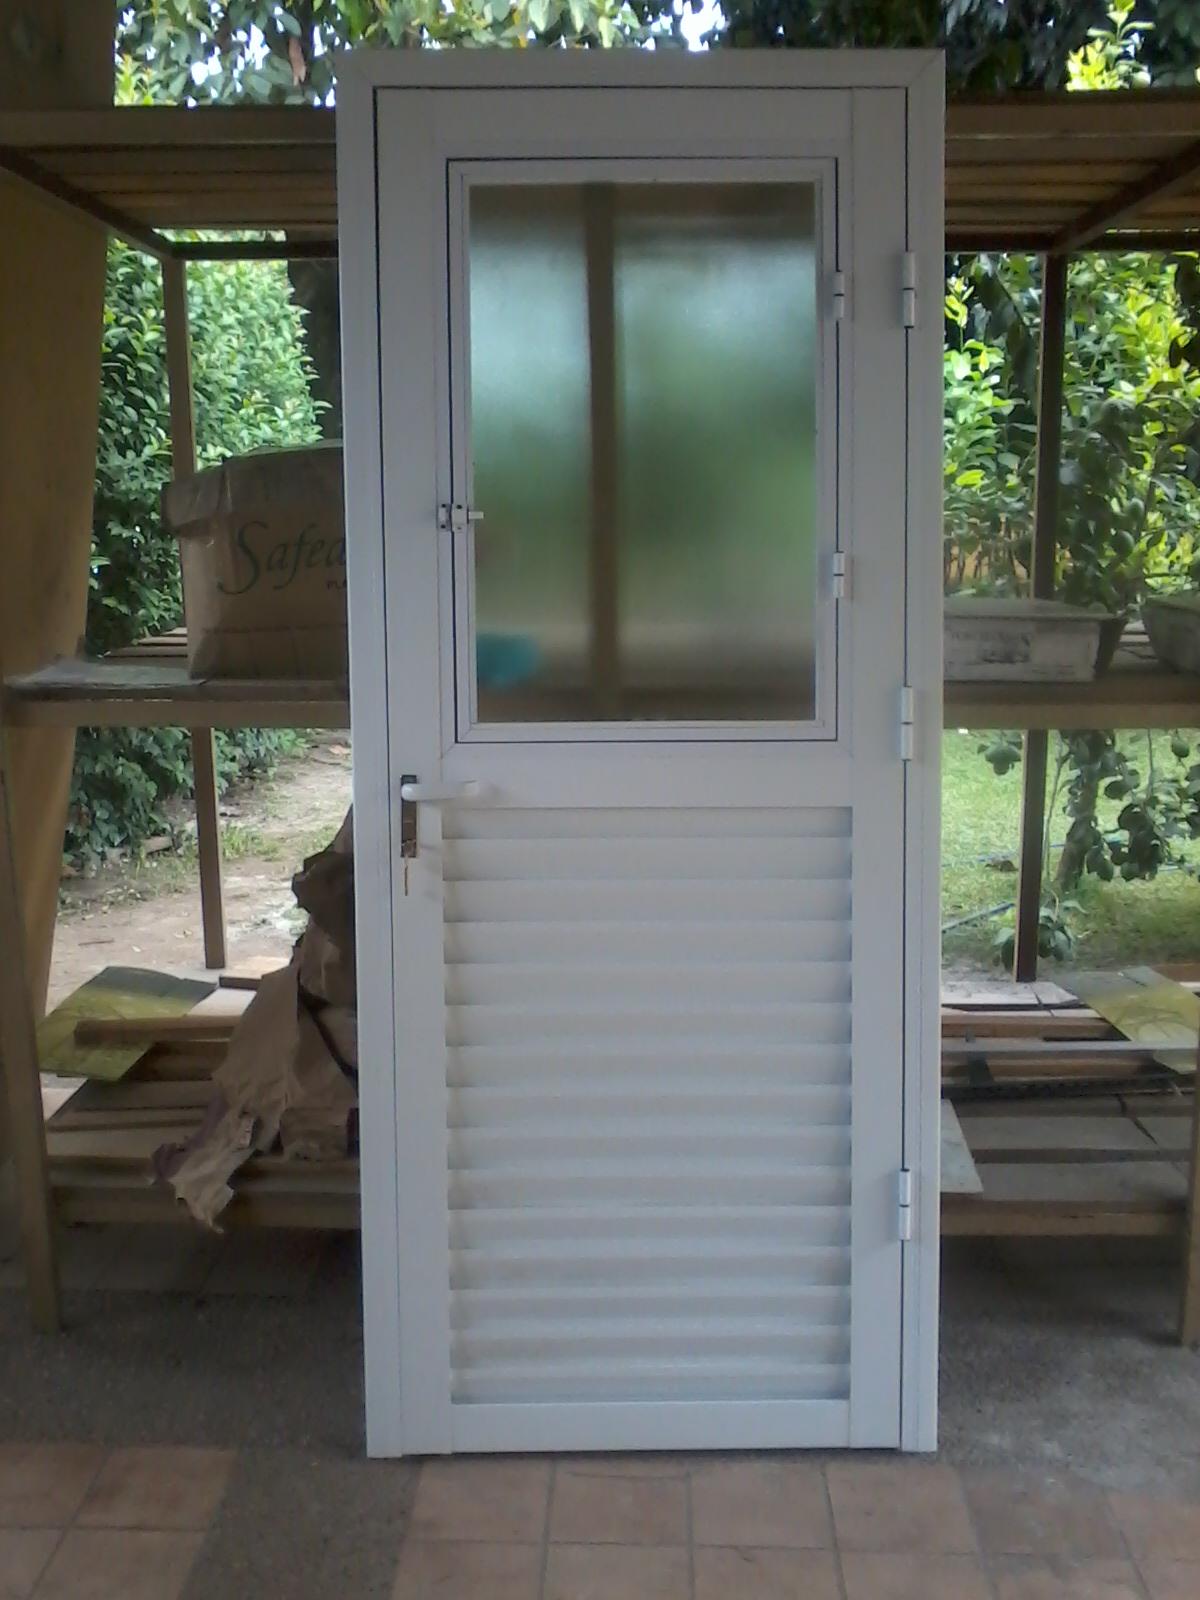 Via dise o carpinter a de aluminio enero 2013 - Puertas de jardin de aluminio ...